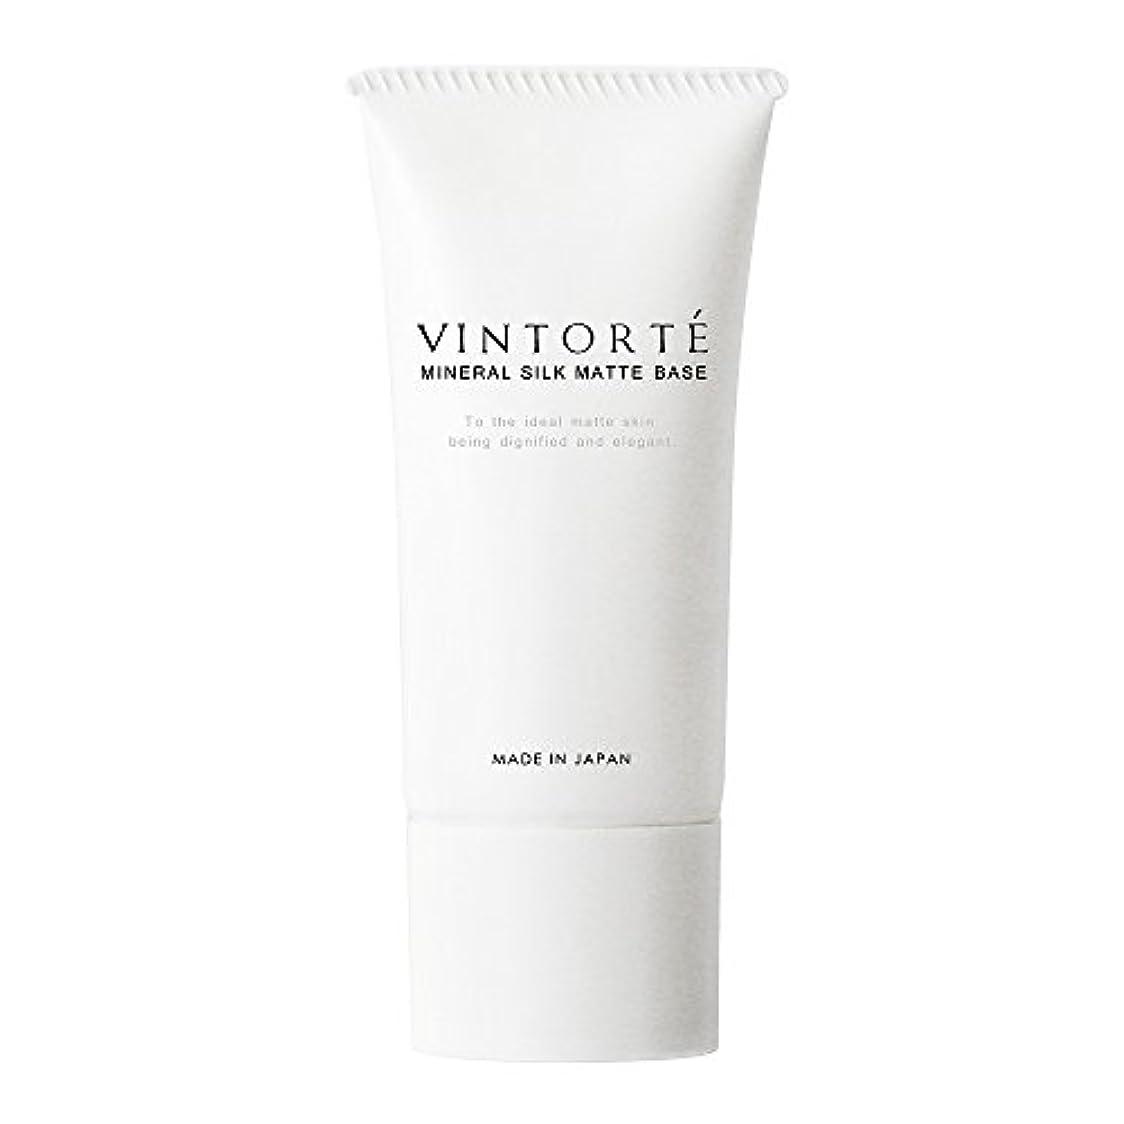 消費する返済理解するVINTORTE ミネラル シルク マットベース ヴァントルテ 化粧下地 クリーム ベースメイク v-msmb